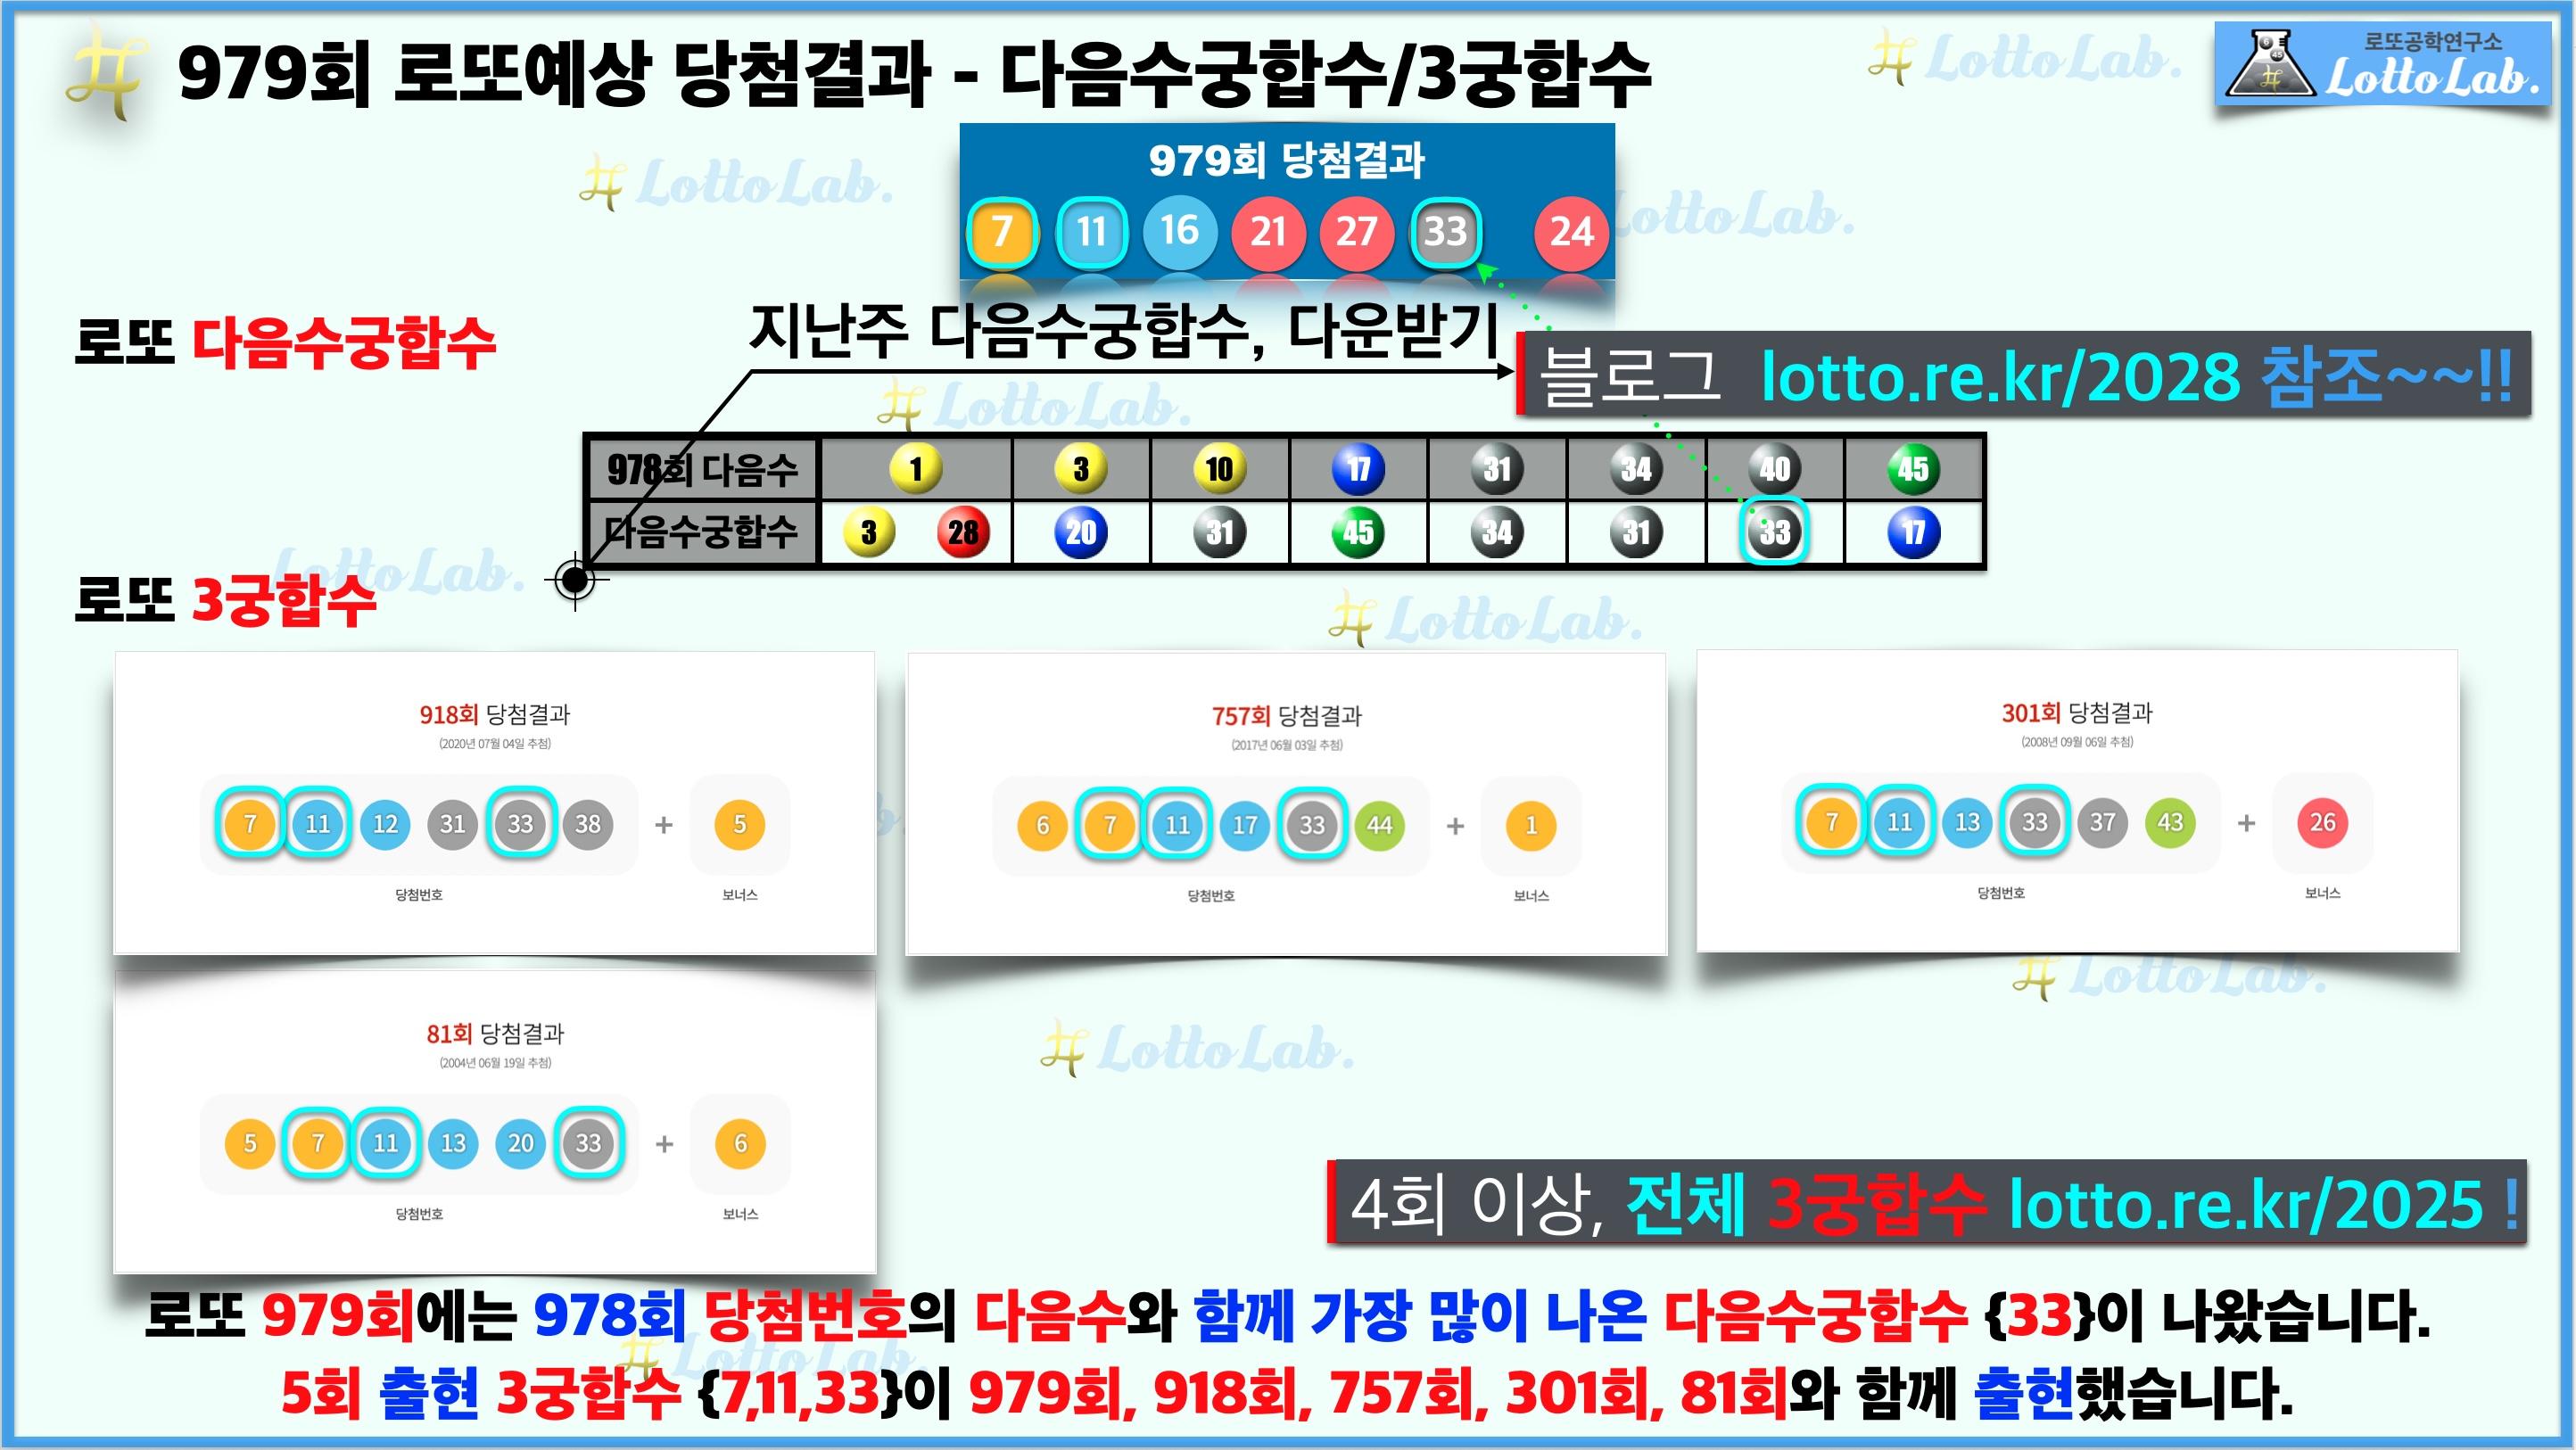 로또랩 로또979 예상결과 - 다음수궁합수 3궁합수